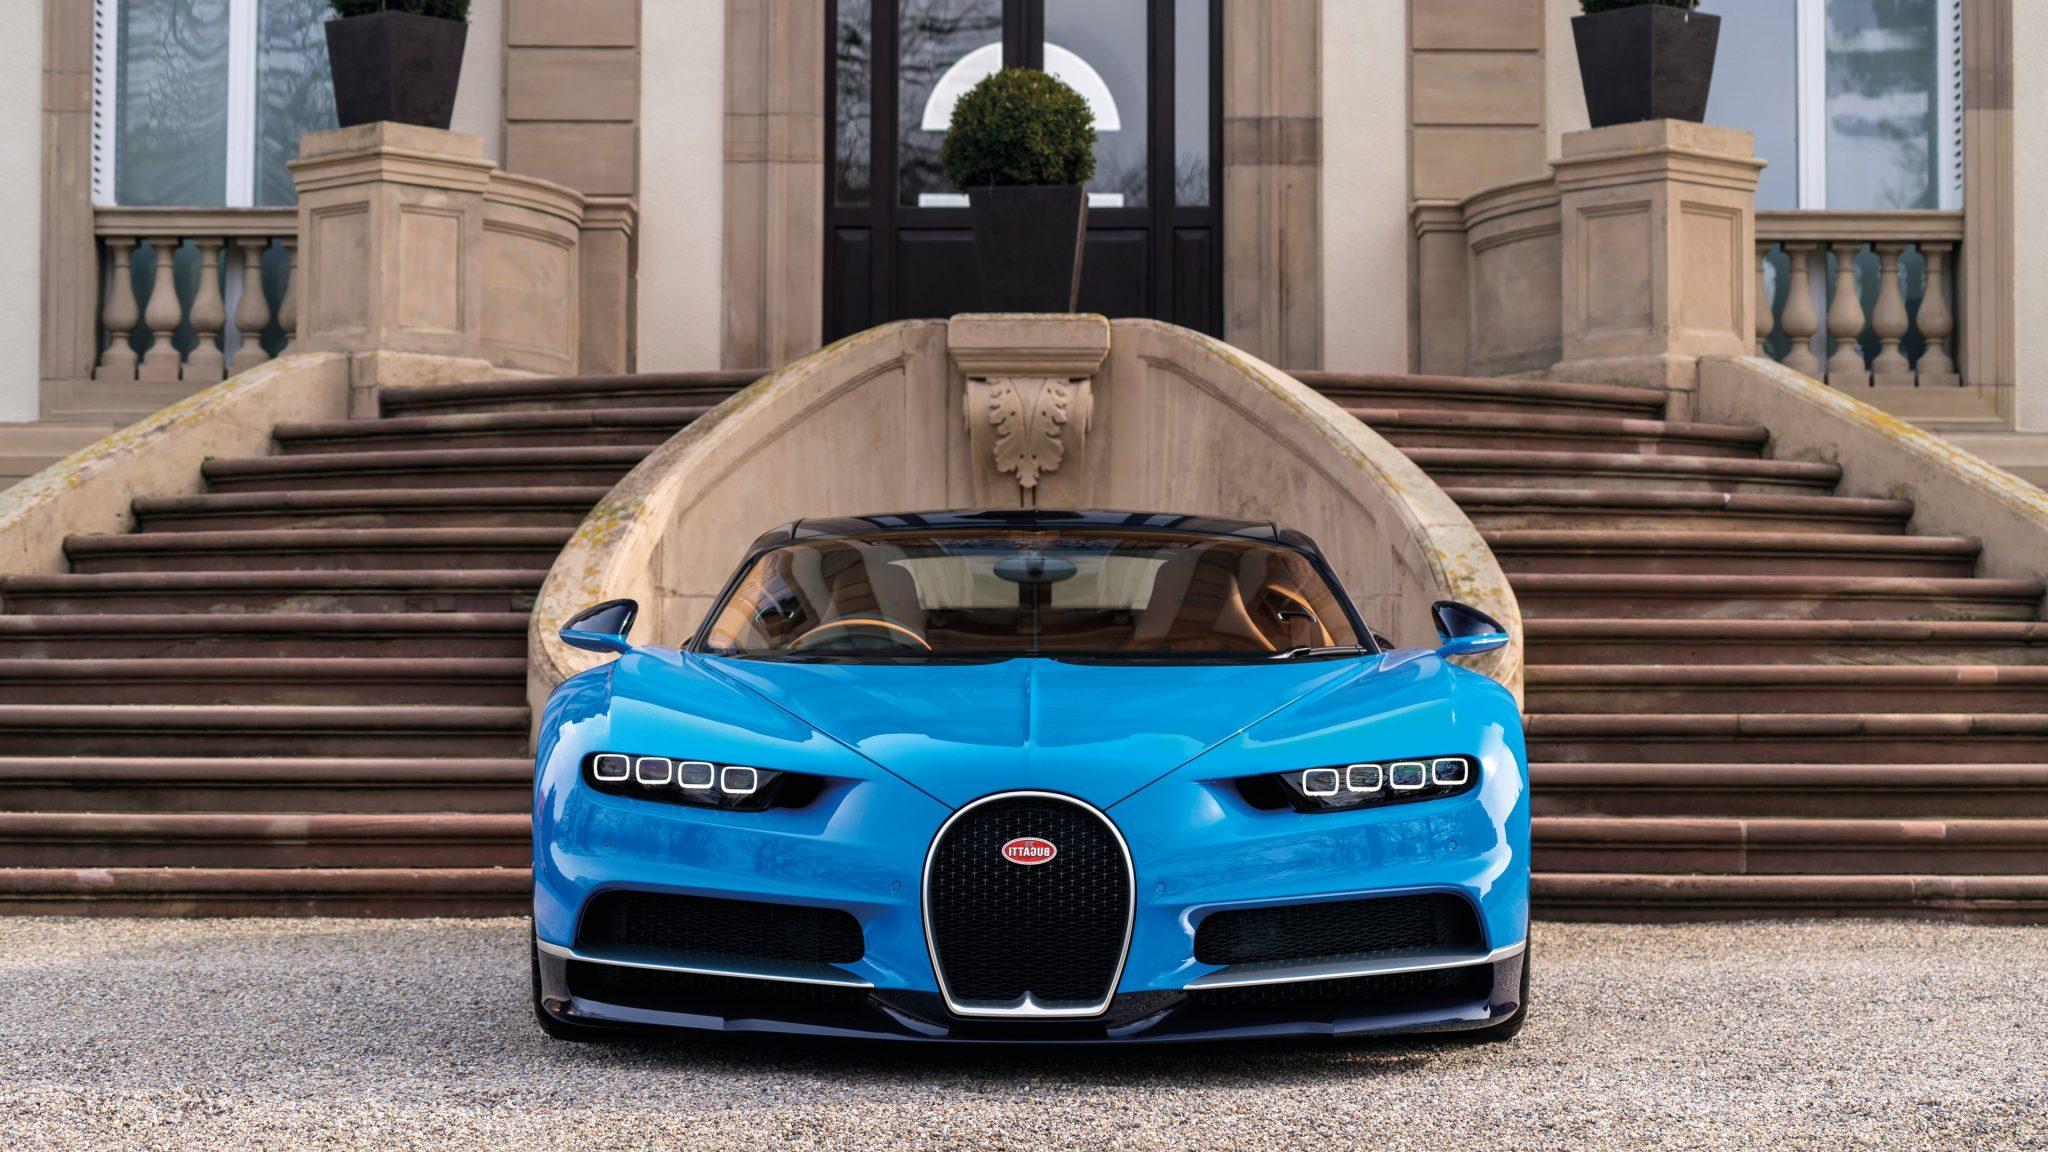 Bugatti Chiron Face lift